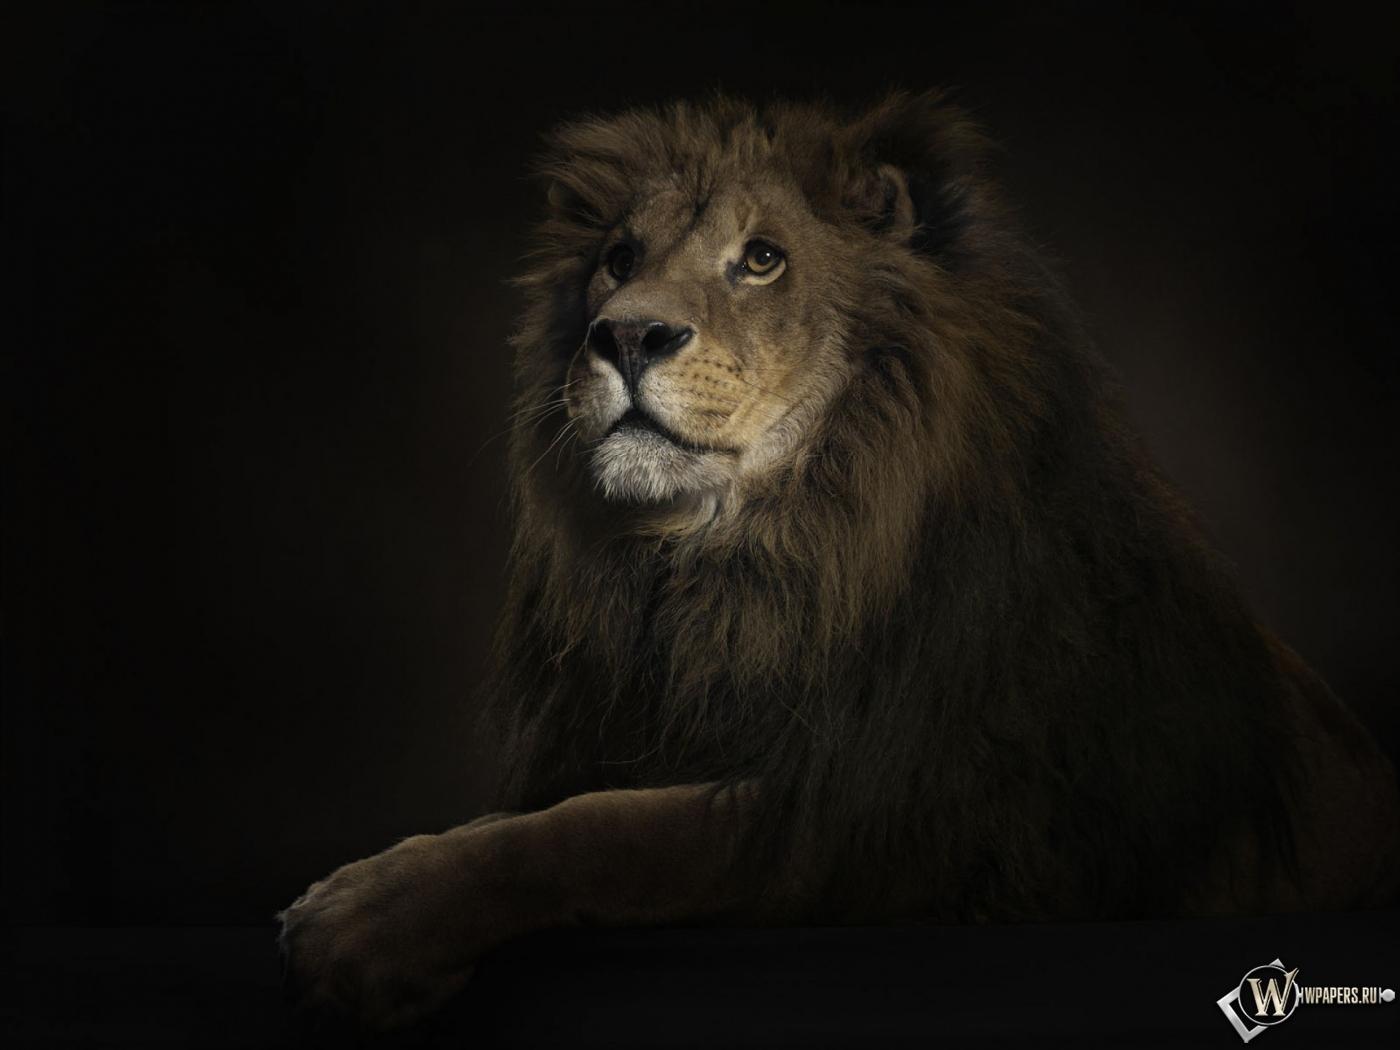 Обоев 1 король лев обоев 2 лев обоев 50